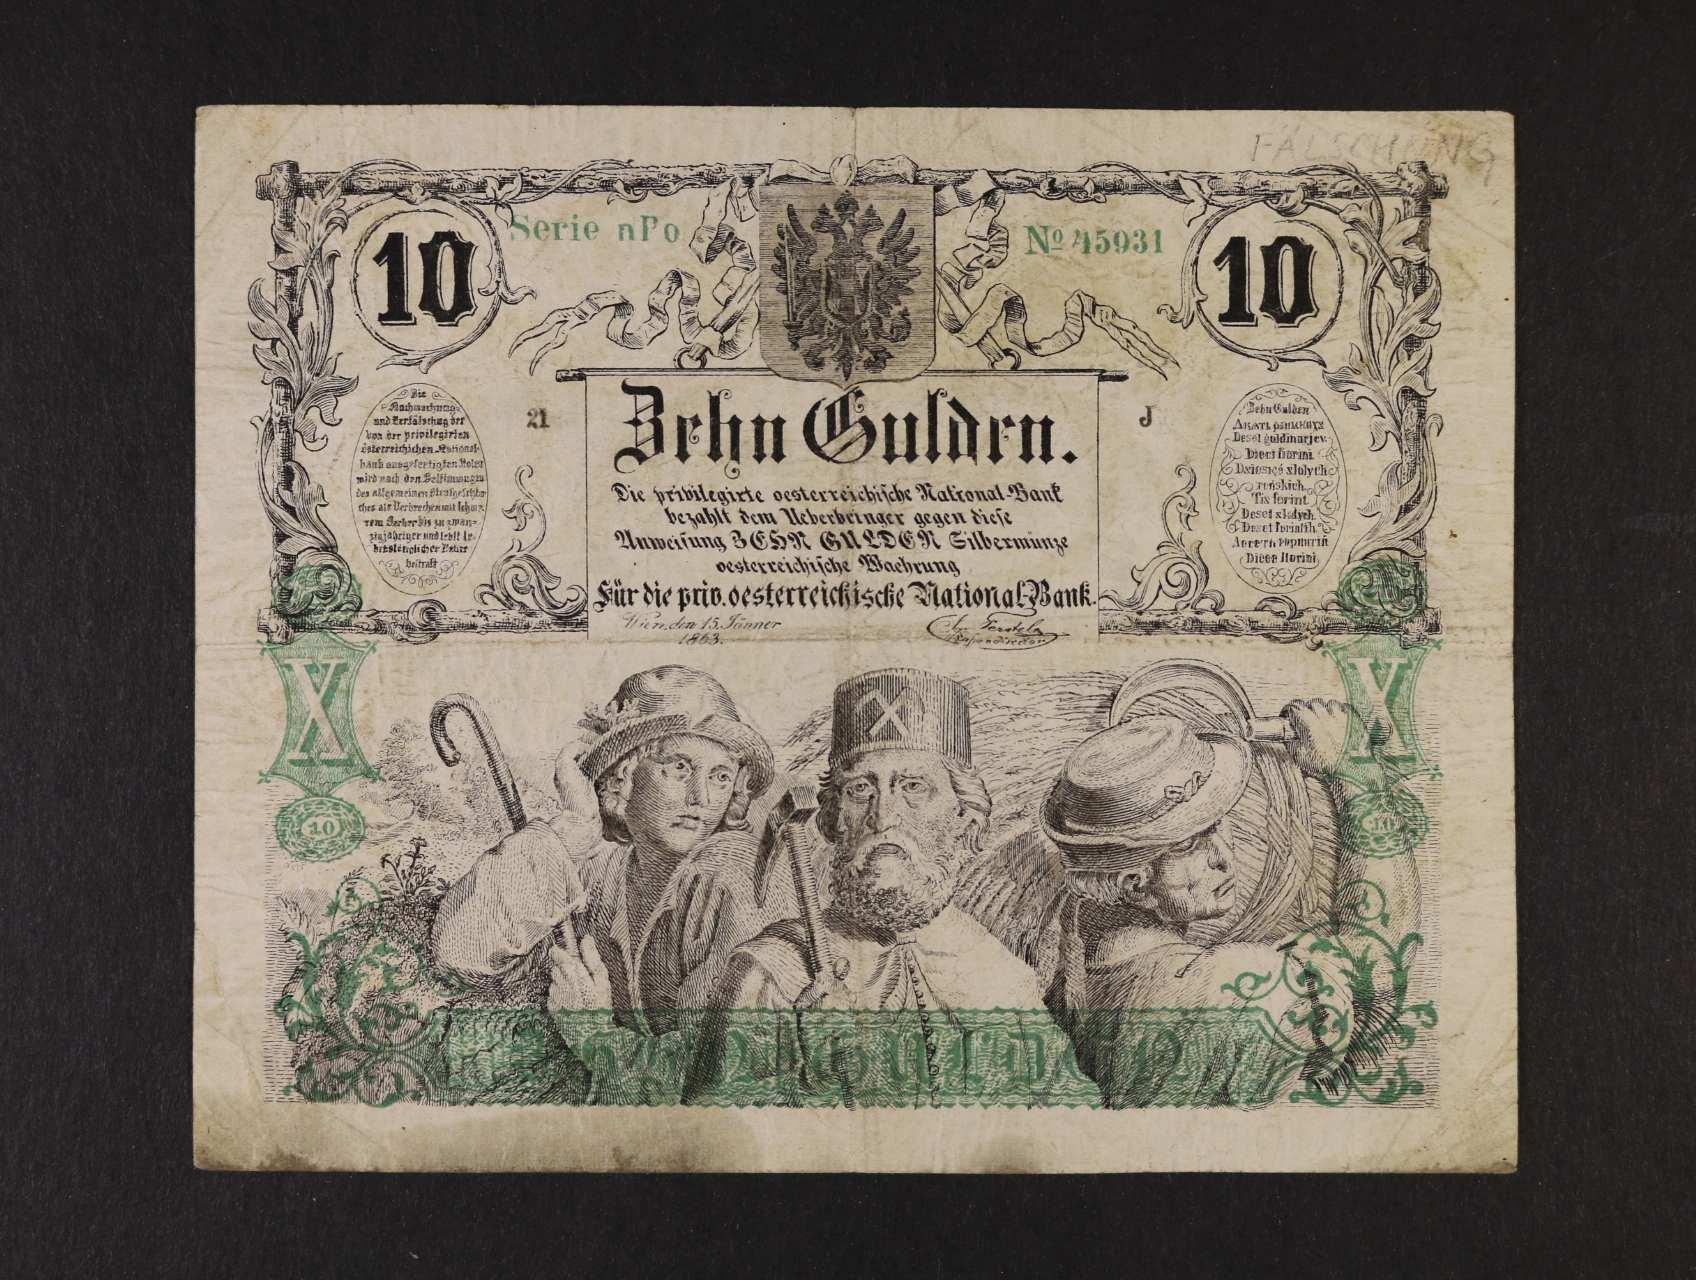 10 Gulden 15.1.1863 série nPo, dobový tištěný a velmi zdařilý padělek , Ri. 136, Pi. A89